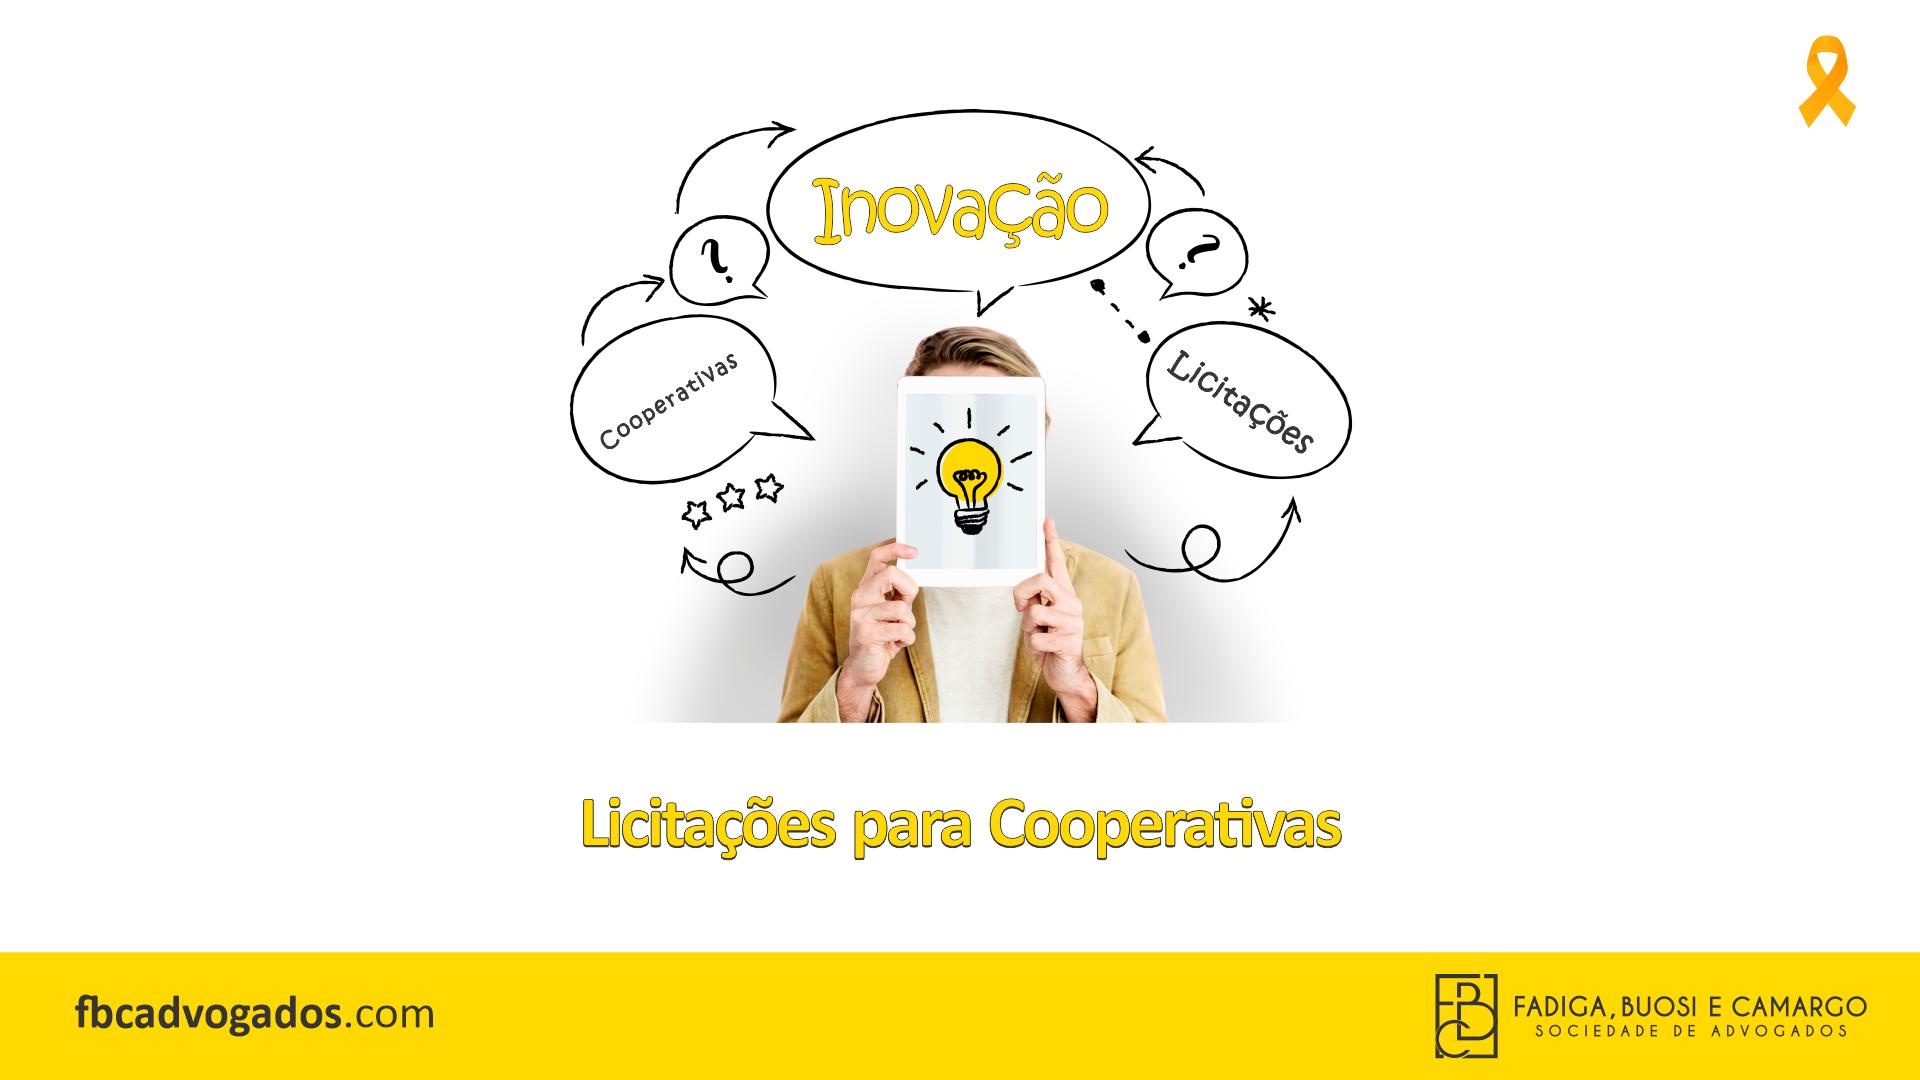 Inovação: Licitações e as Cooperativas